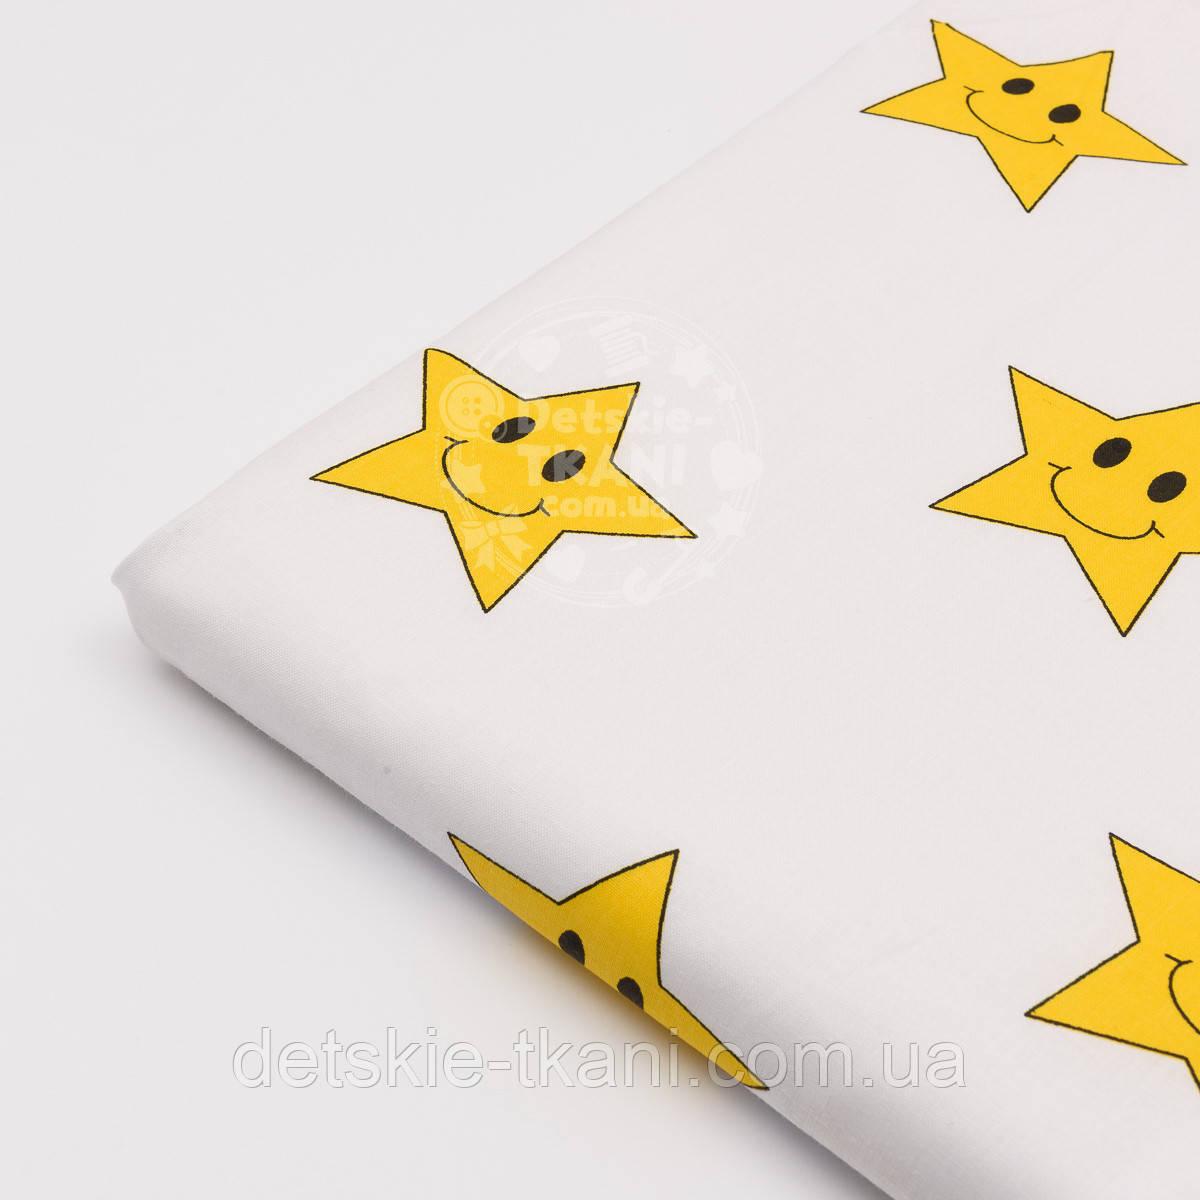 Лоскут ткани №809а с улыбающимися звездами на белом фоне, размер 58*75 см